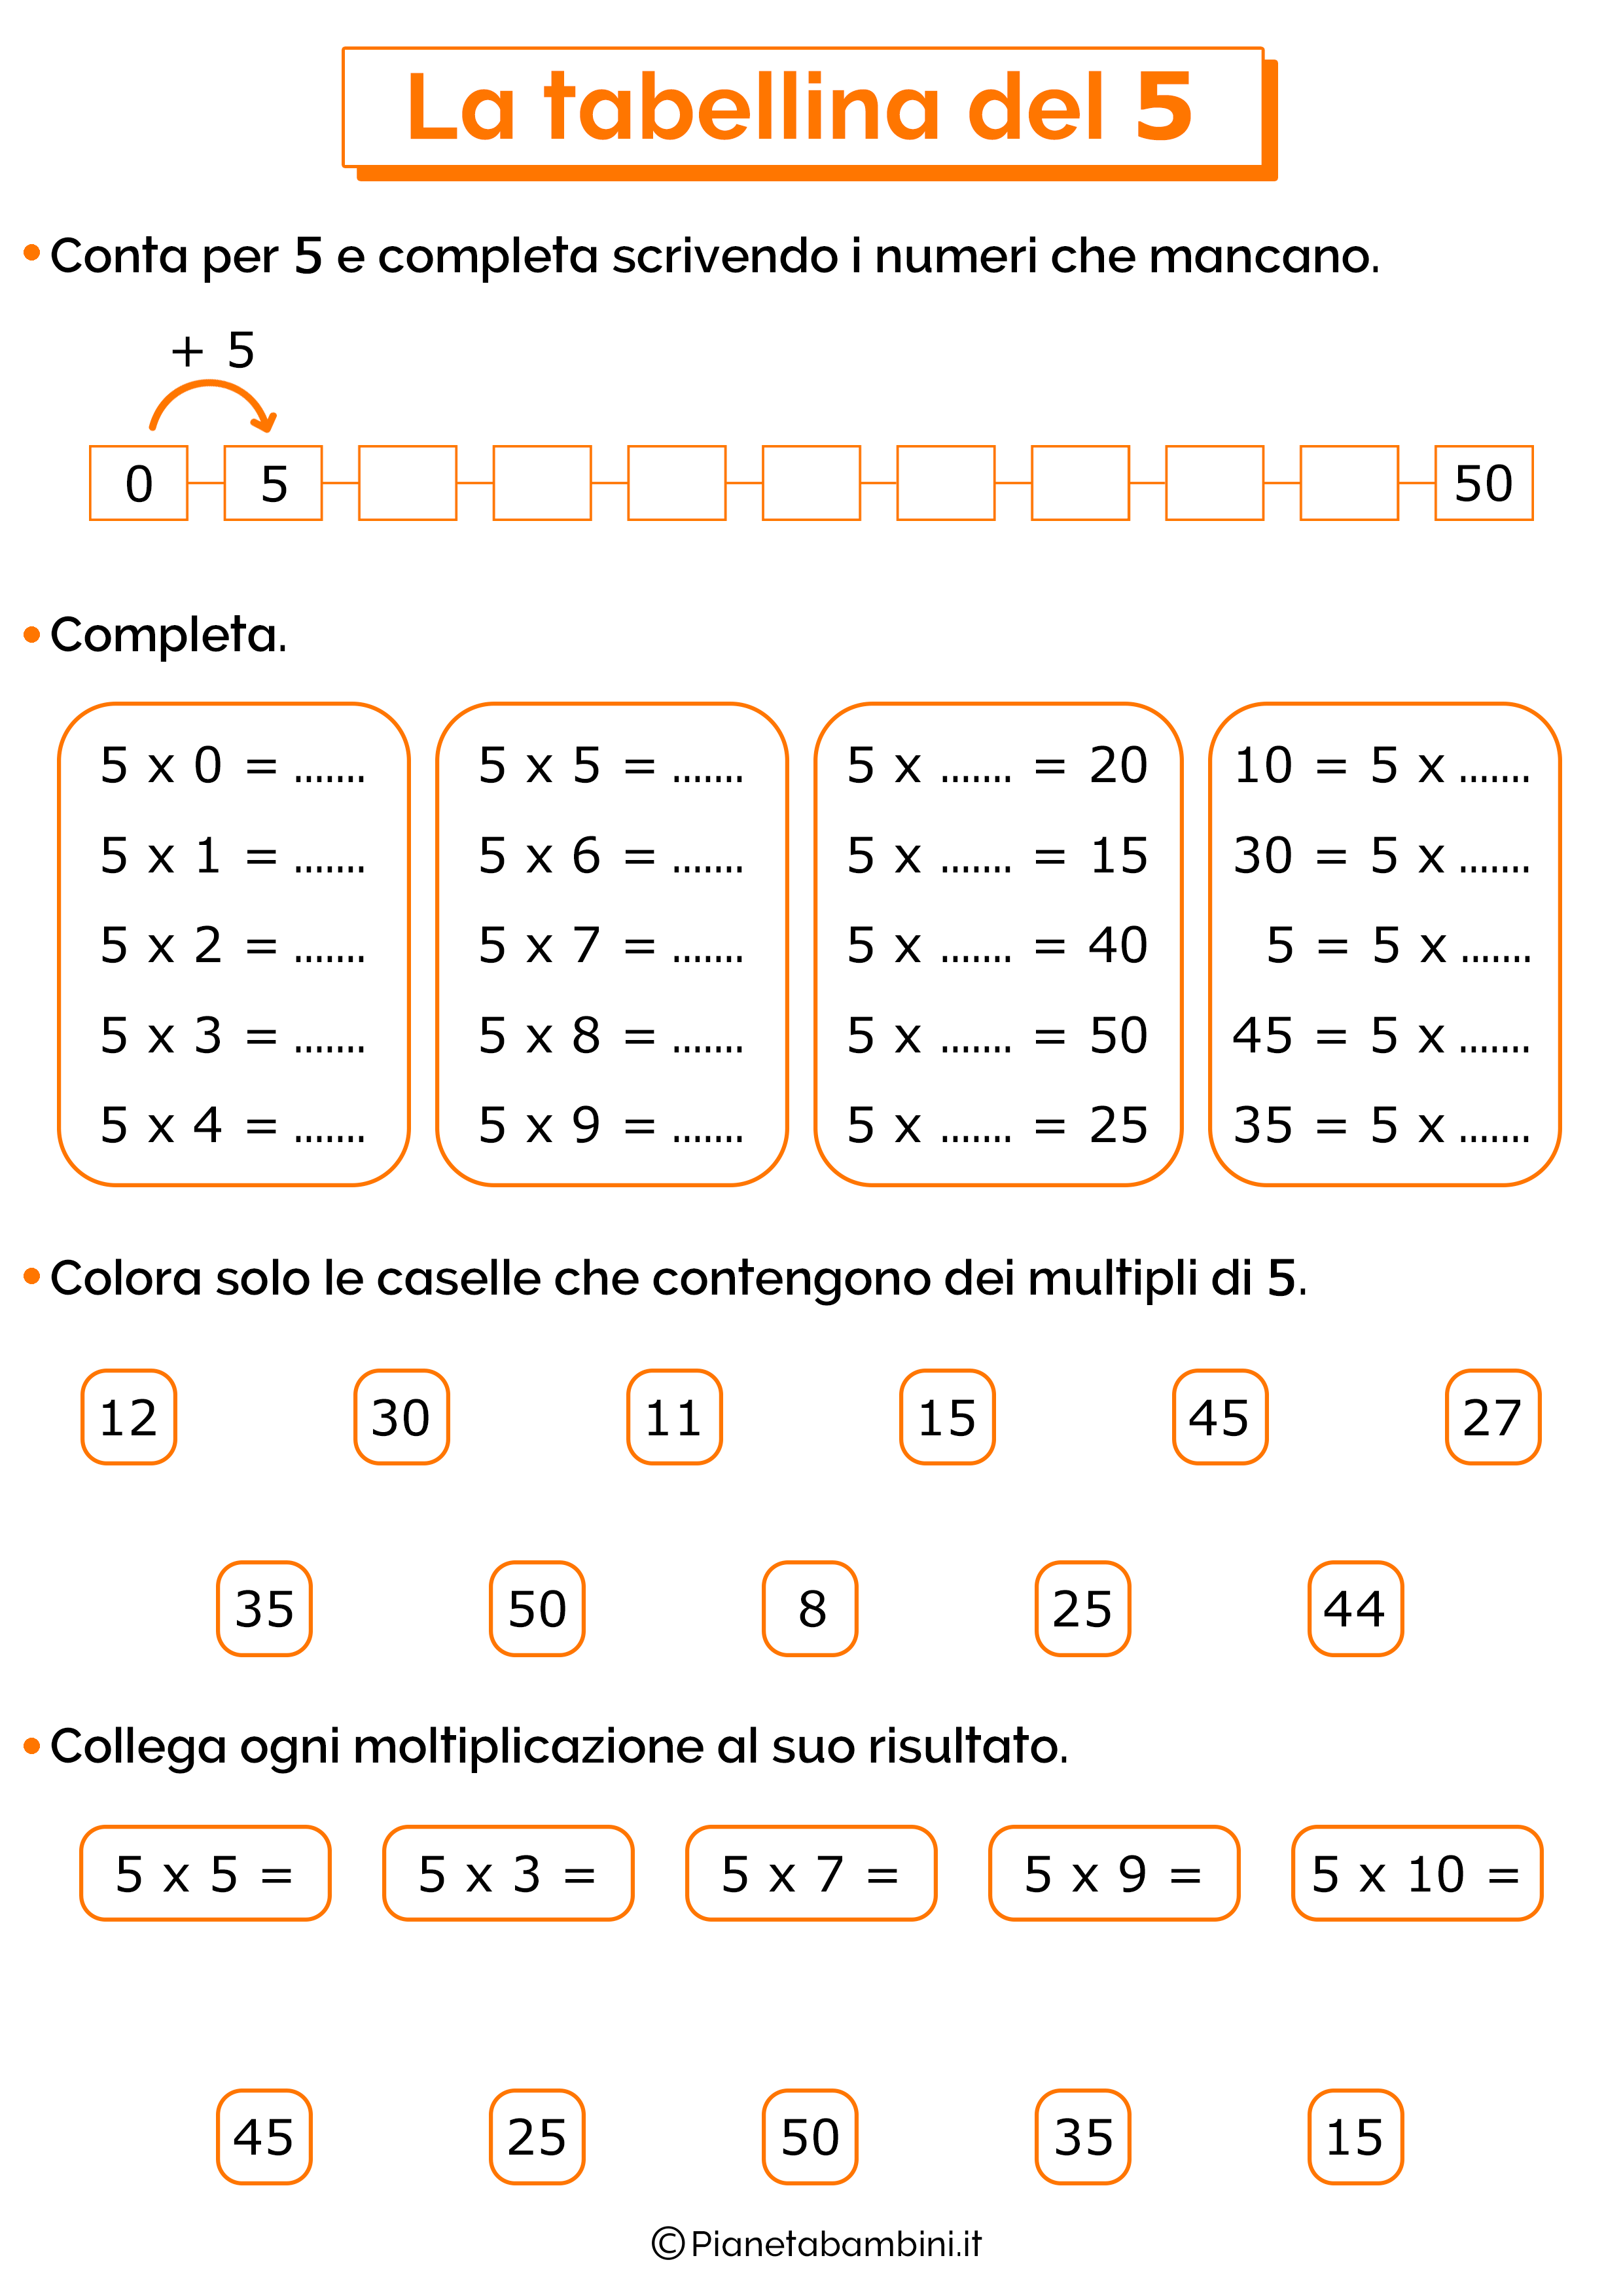 Esercizi sulla tabellina del 5